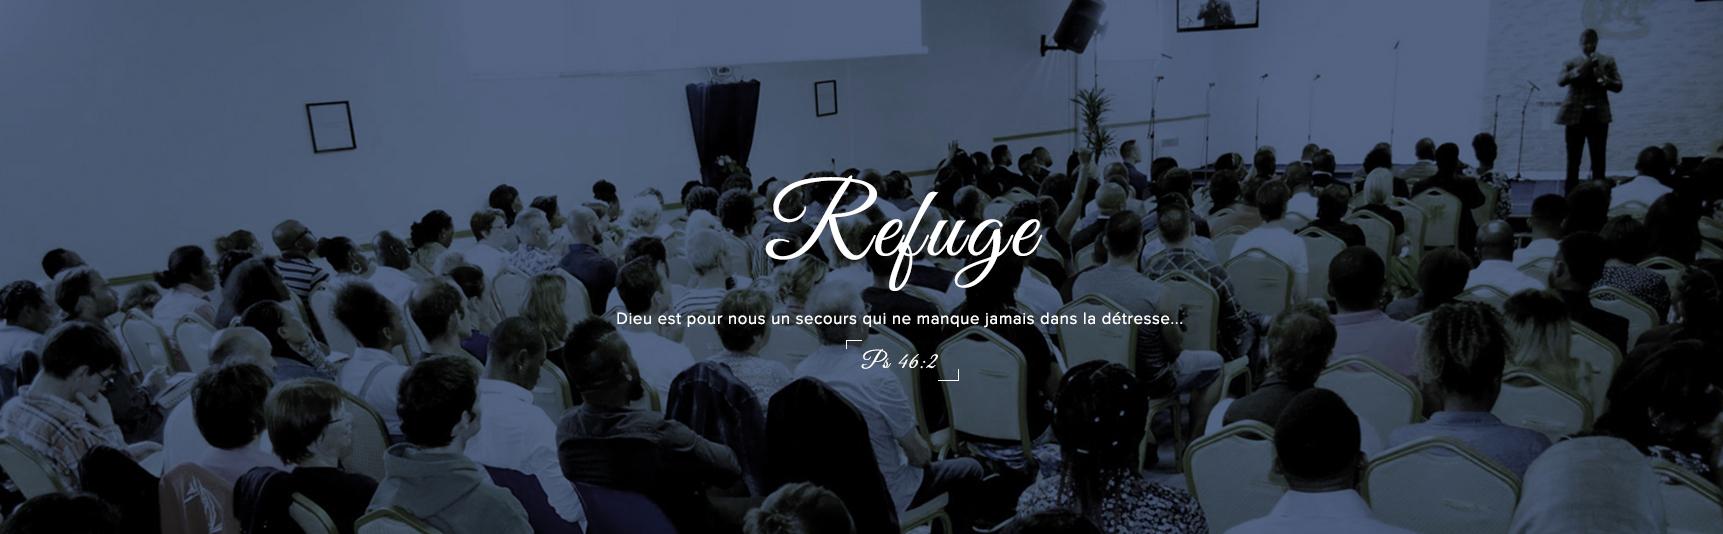 Eglise-christ-refuge-pour-tous